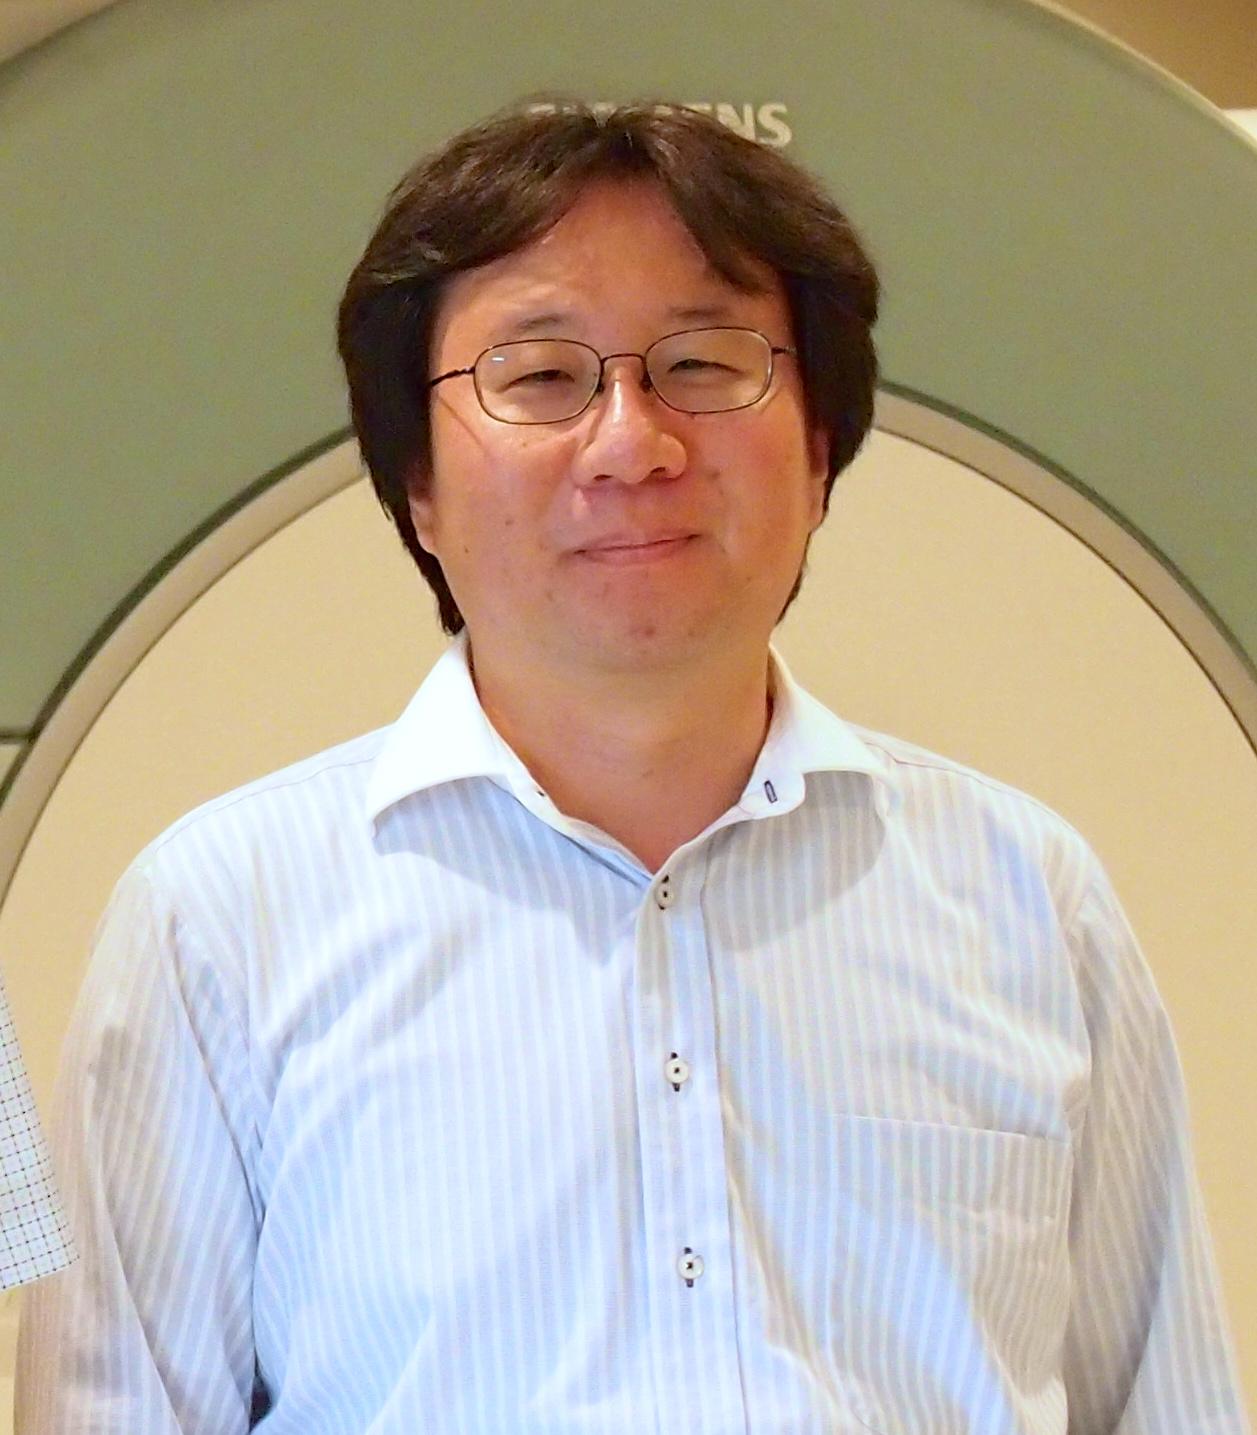 中井研究員が第40回日本磁気共鳴医学会大会 学術奨励賞を受賞しました